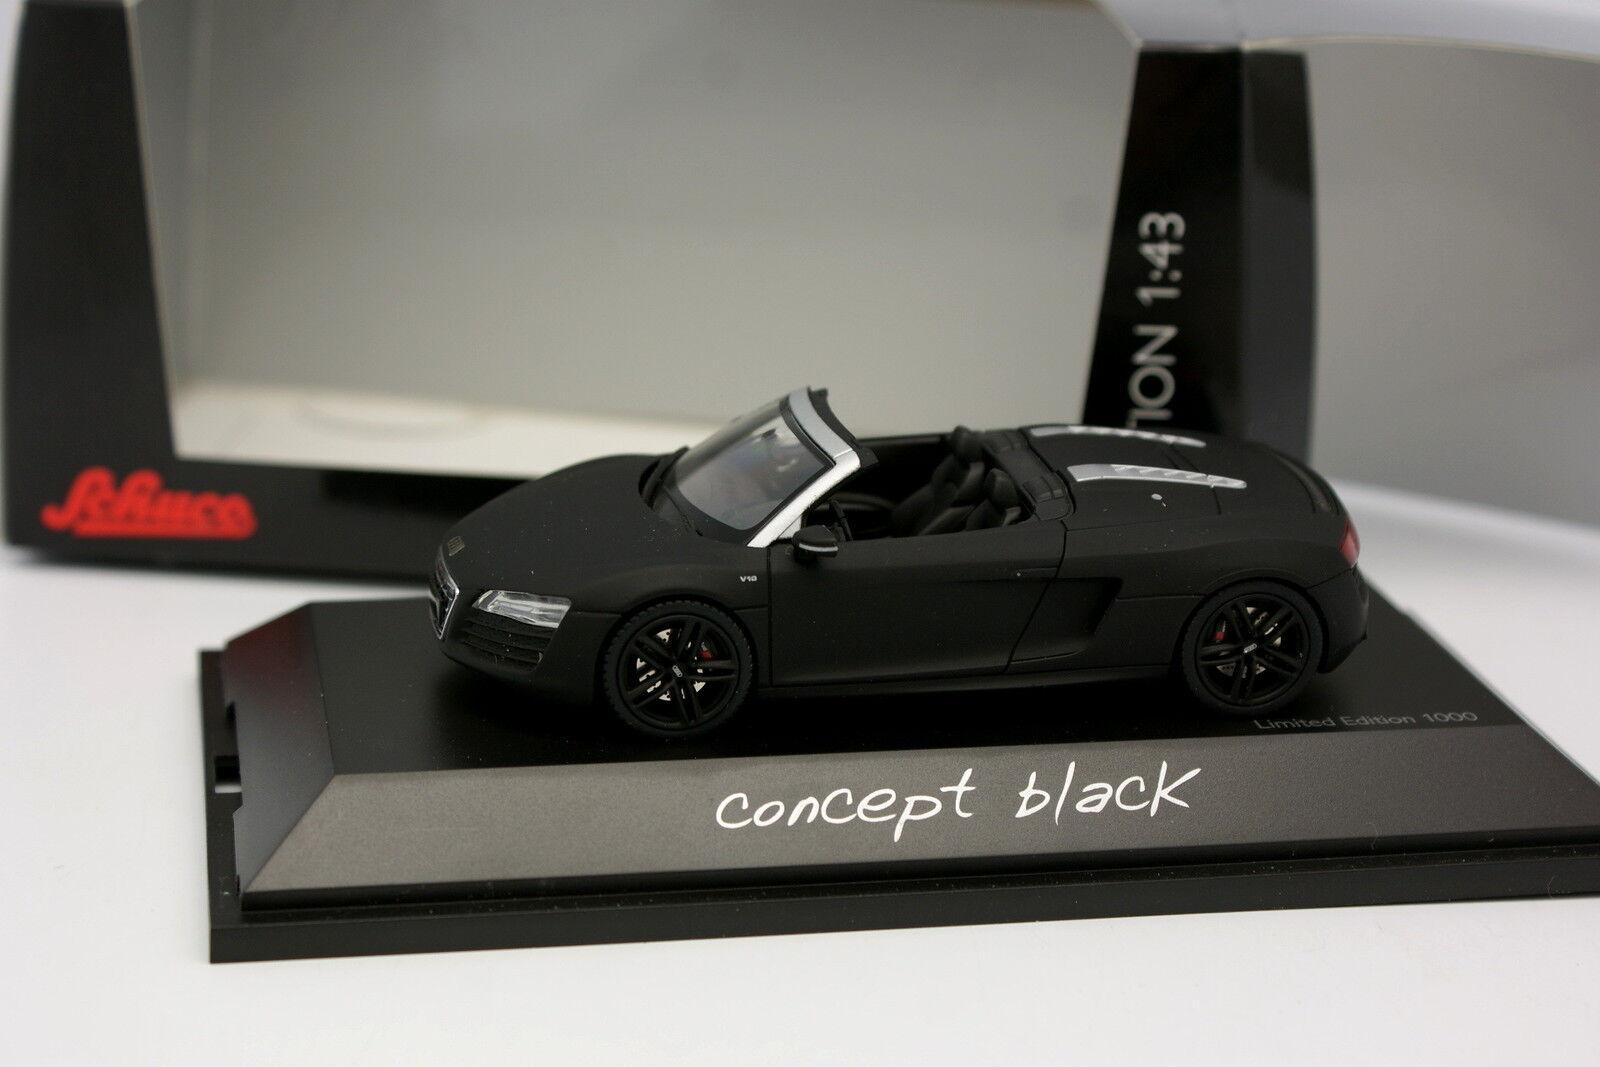 Schuco 1 43 - Audi R8 Spider Negra Mate Concept Negro